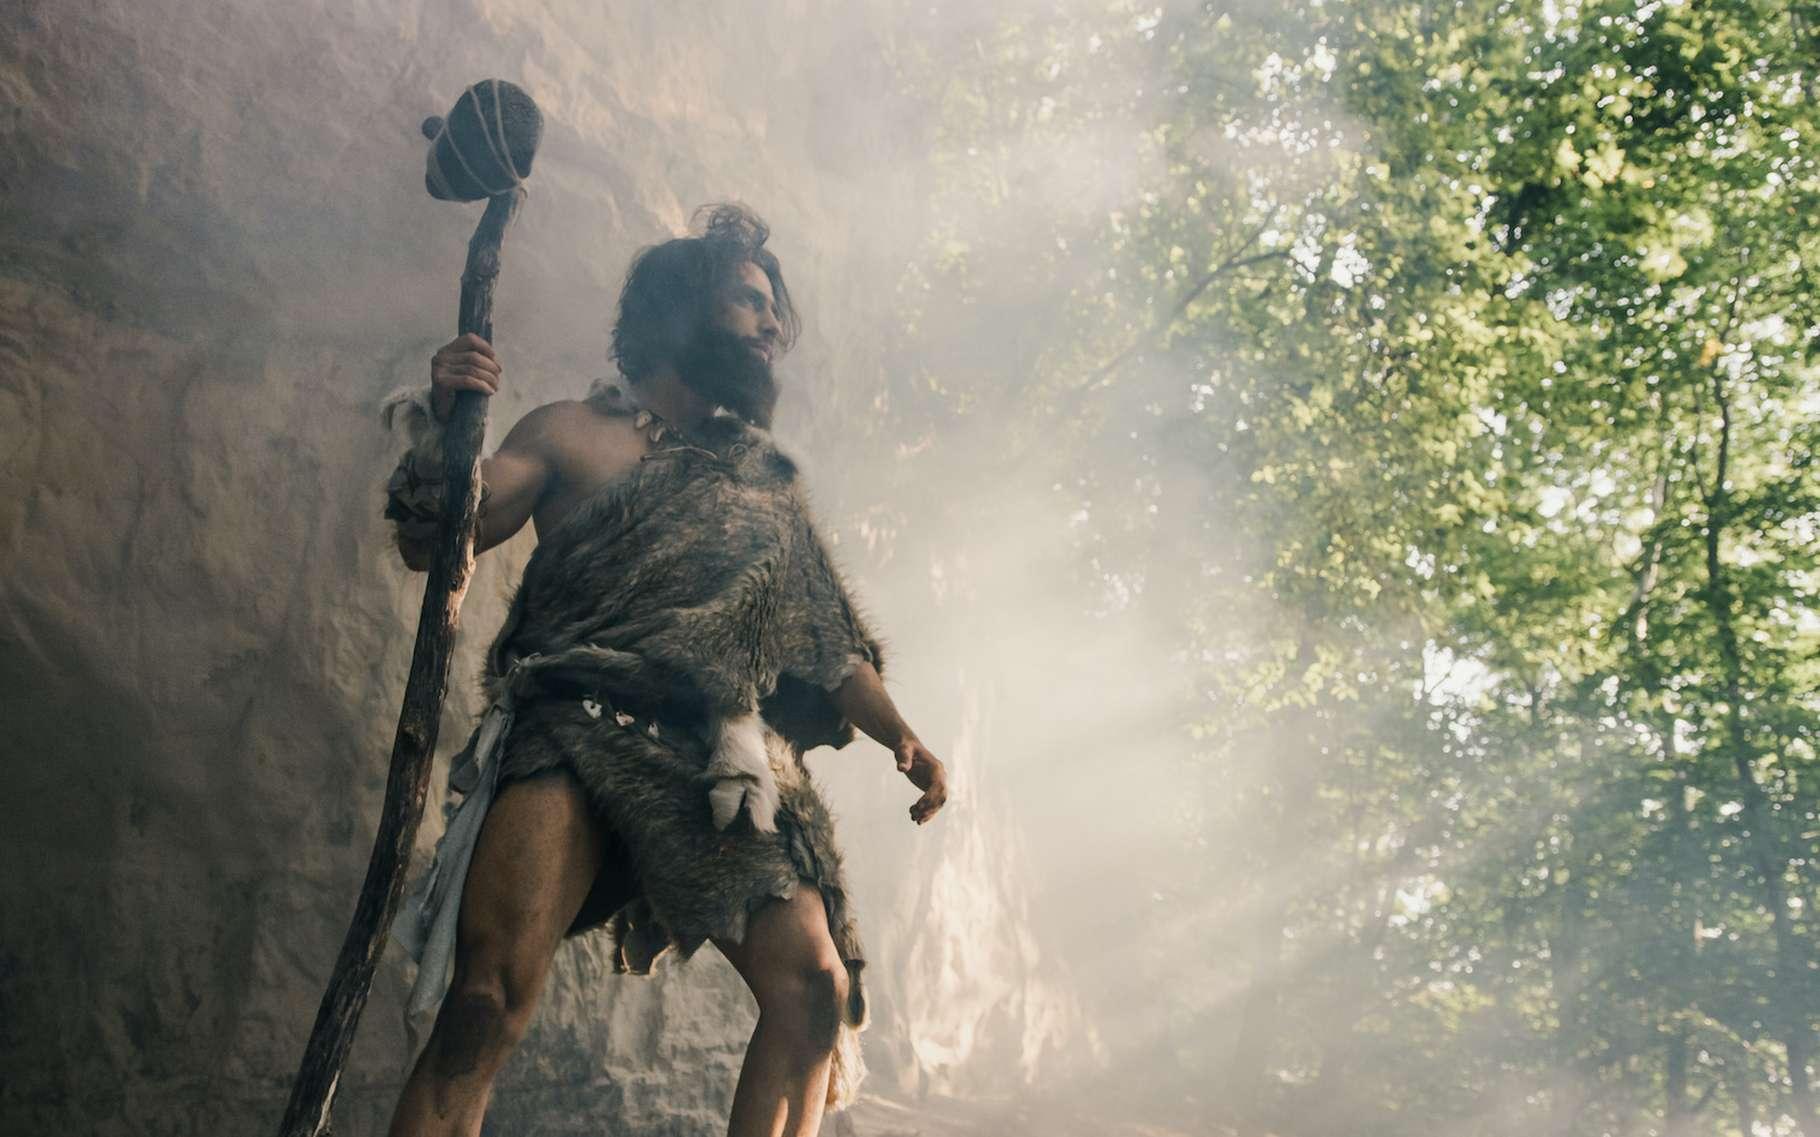 L'Homme de Néandertal aurait disparu d'Europe plusieurs dizaines de milliers d'années plus tôt que le pensaient jusqu'alors les chercheurs. © Gorodenkoff, Adobe Stock